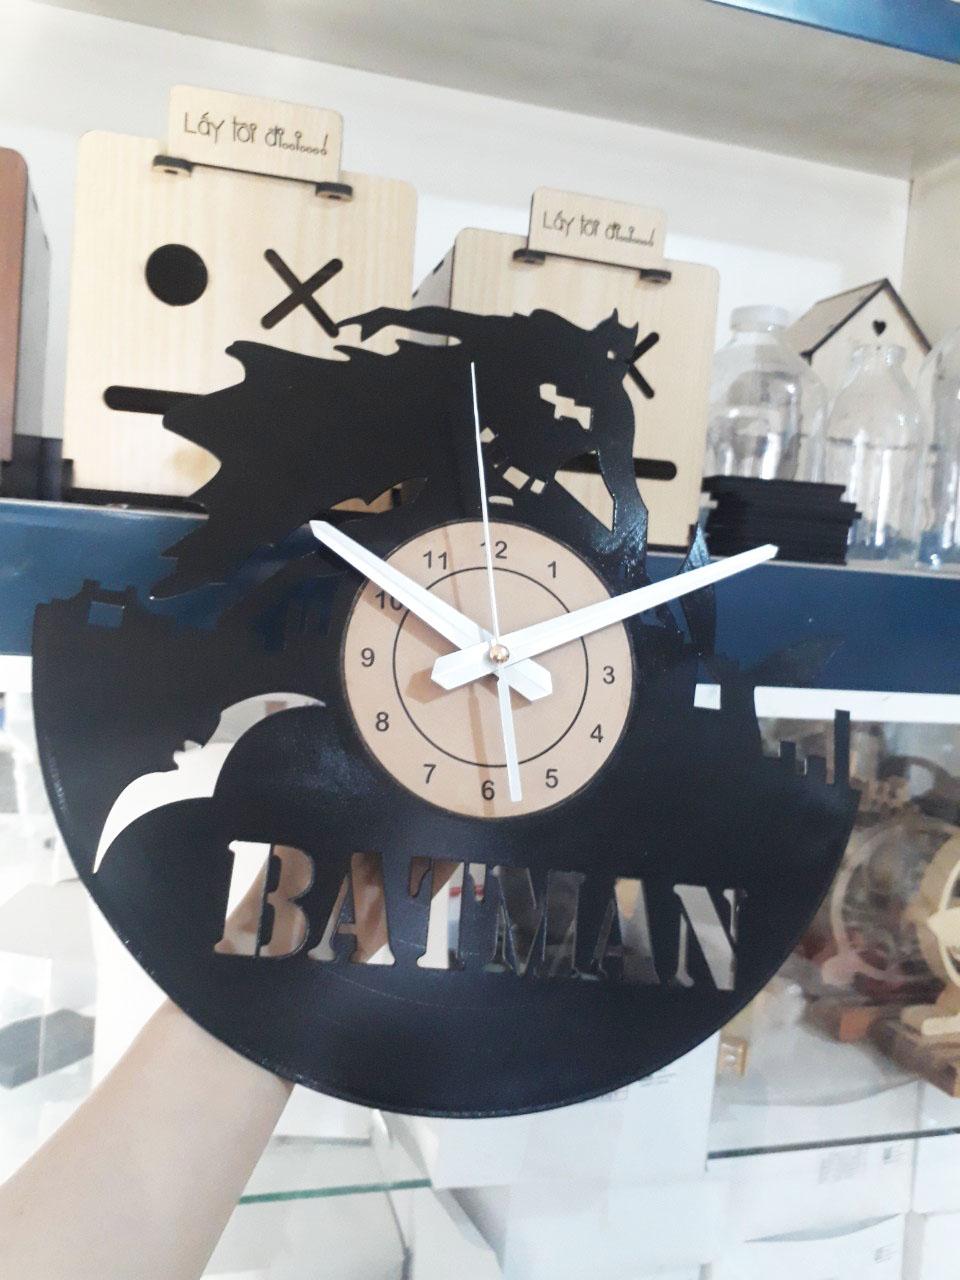 Đồng hồ đĩa than hình BATMAN , sử dụng kim trôi máy êm không gây tiếng động, thích hợp làm quà tặng , trang trí